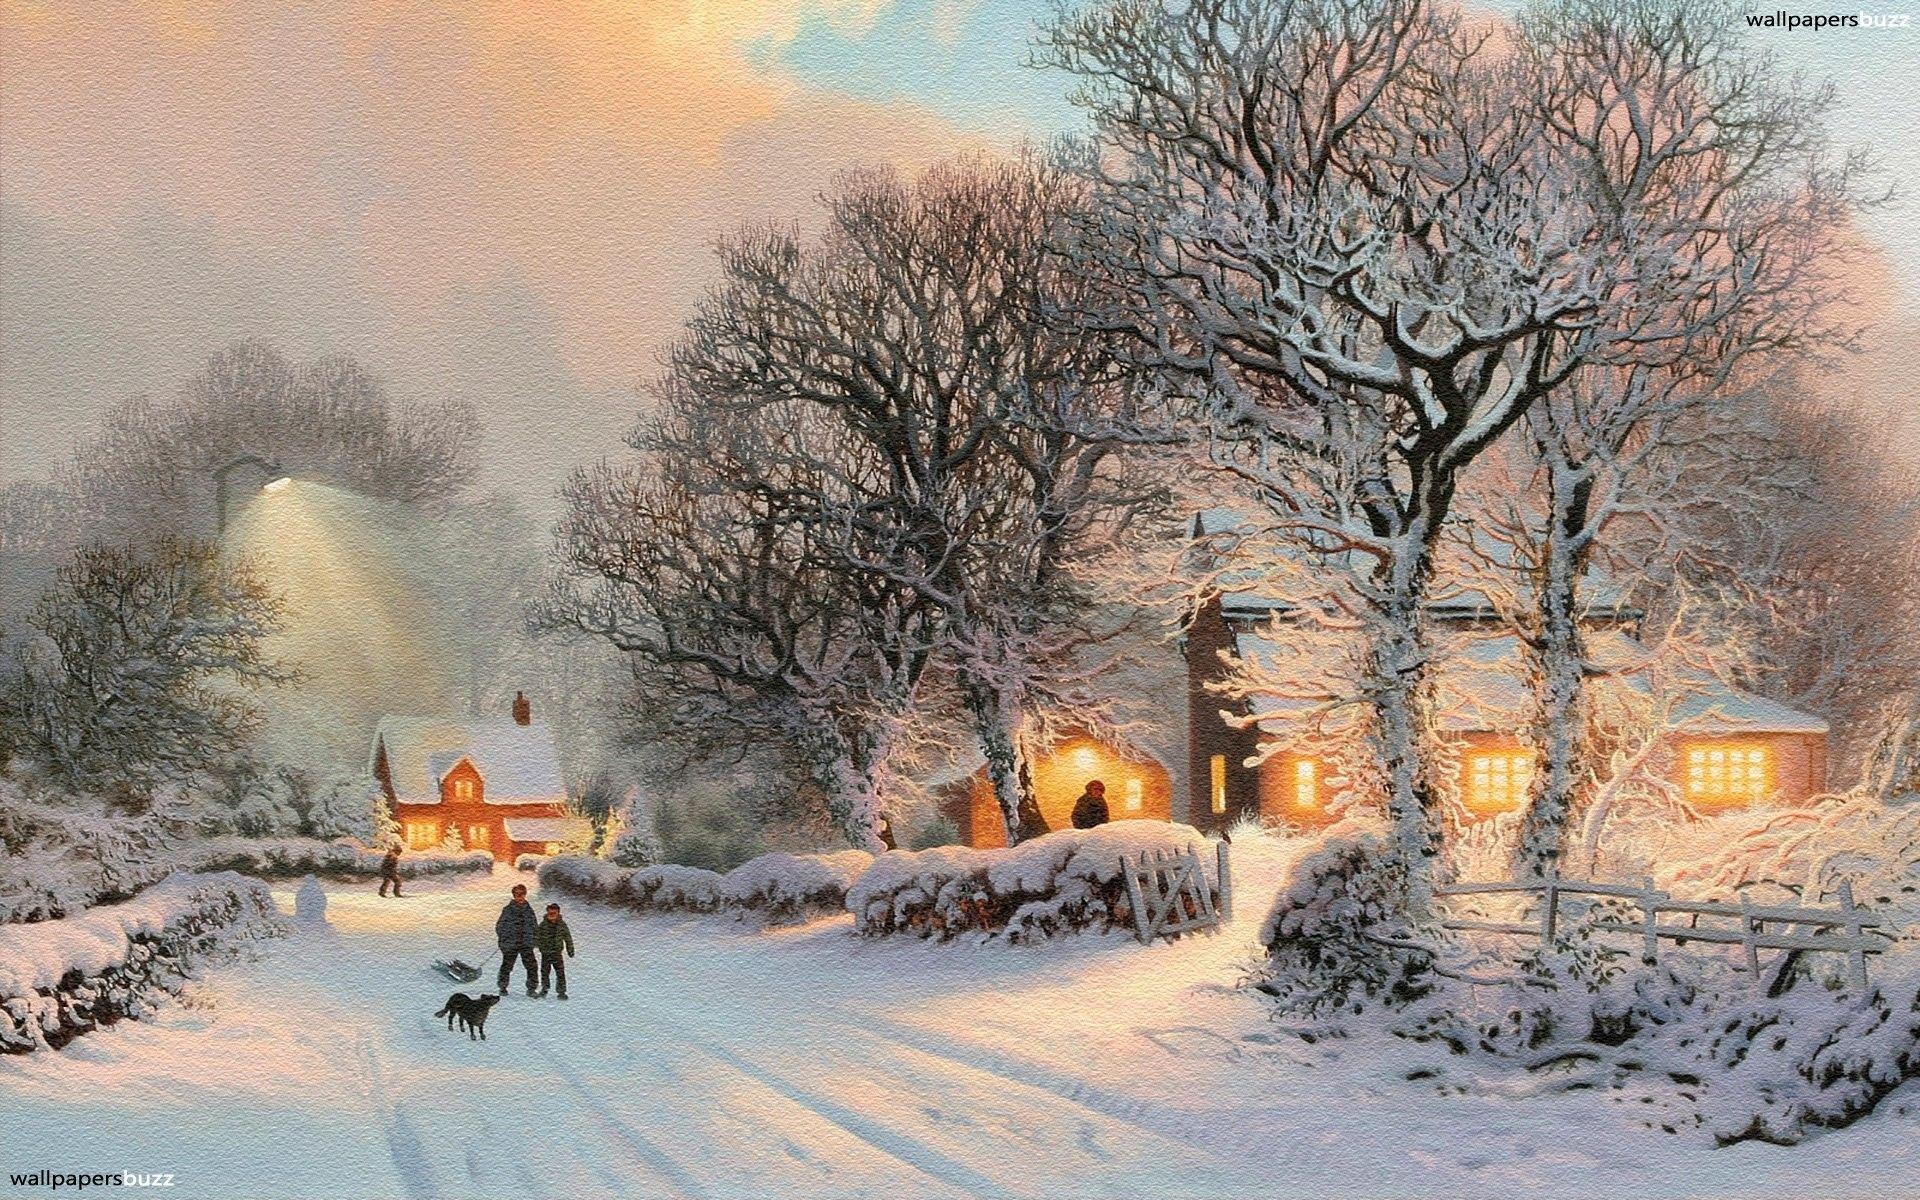 Cozy Winter Aesthetic Desktop Wallpaper